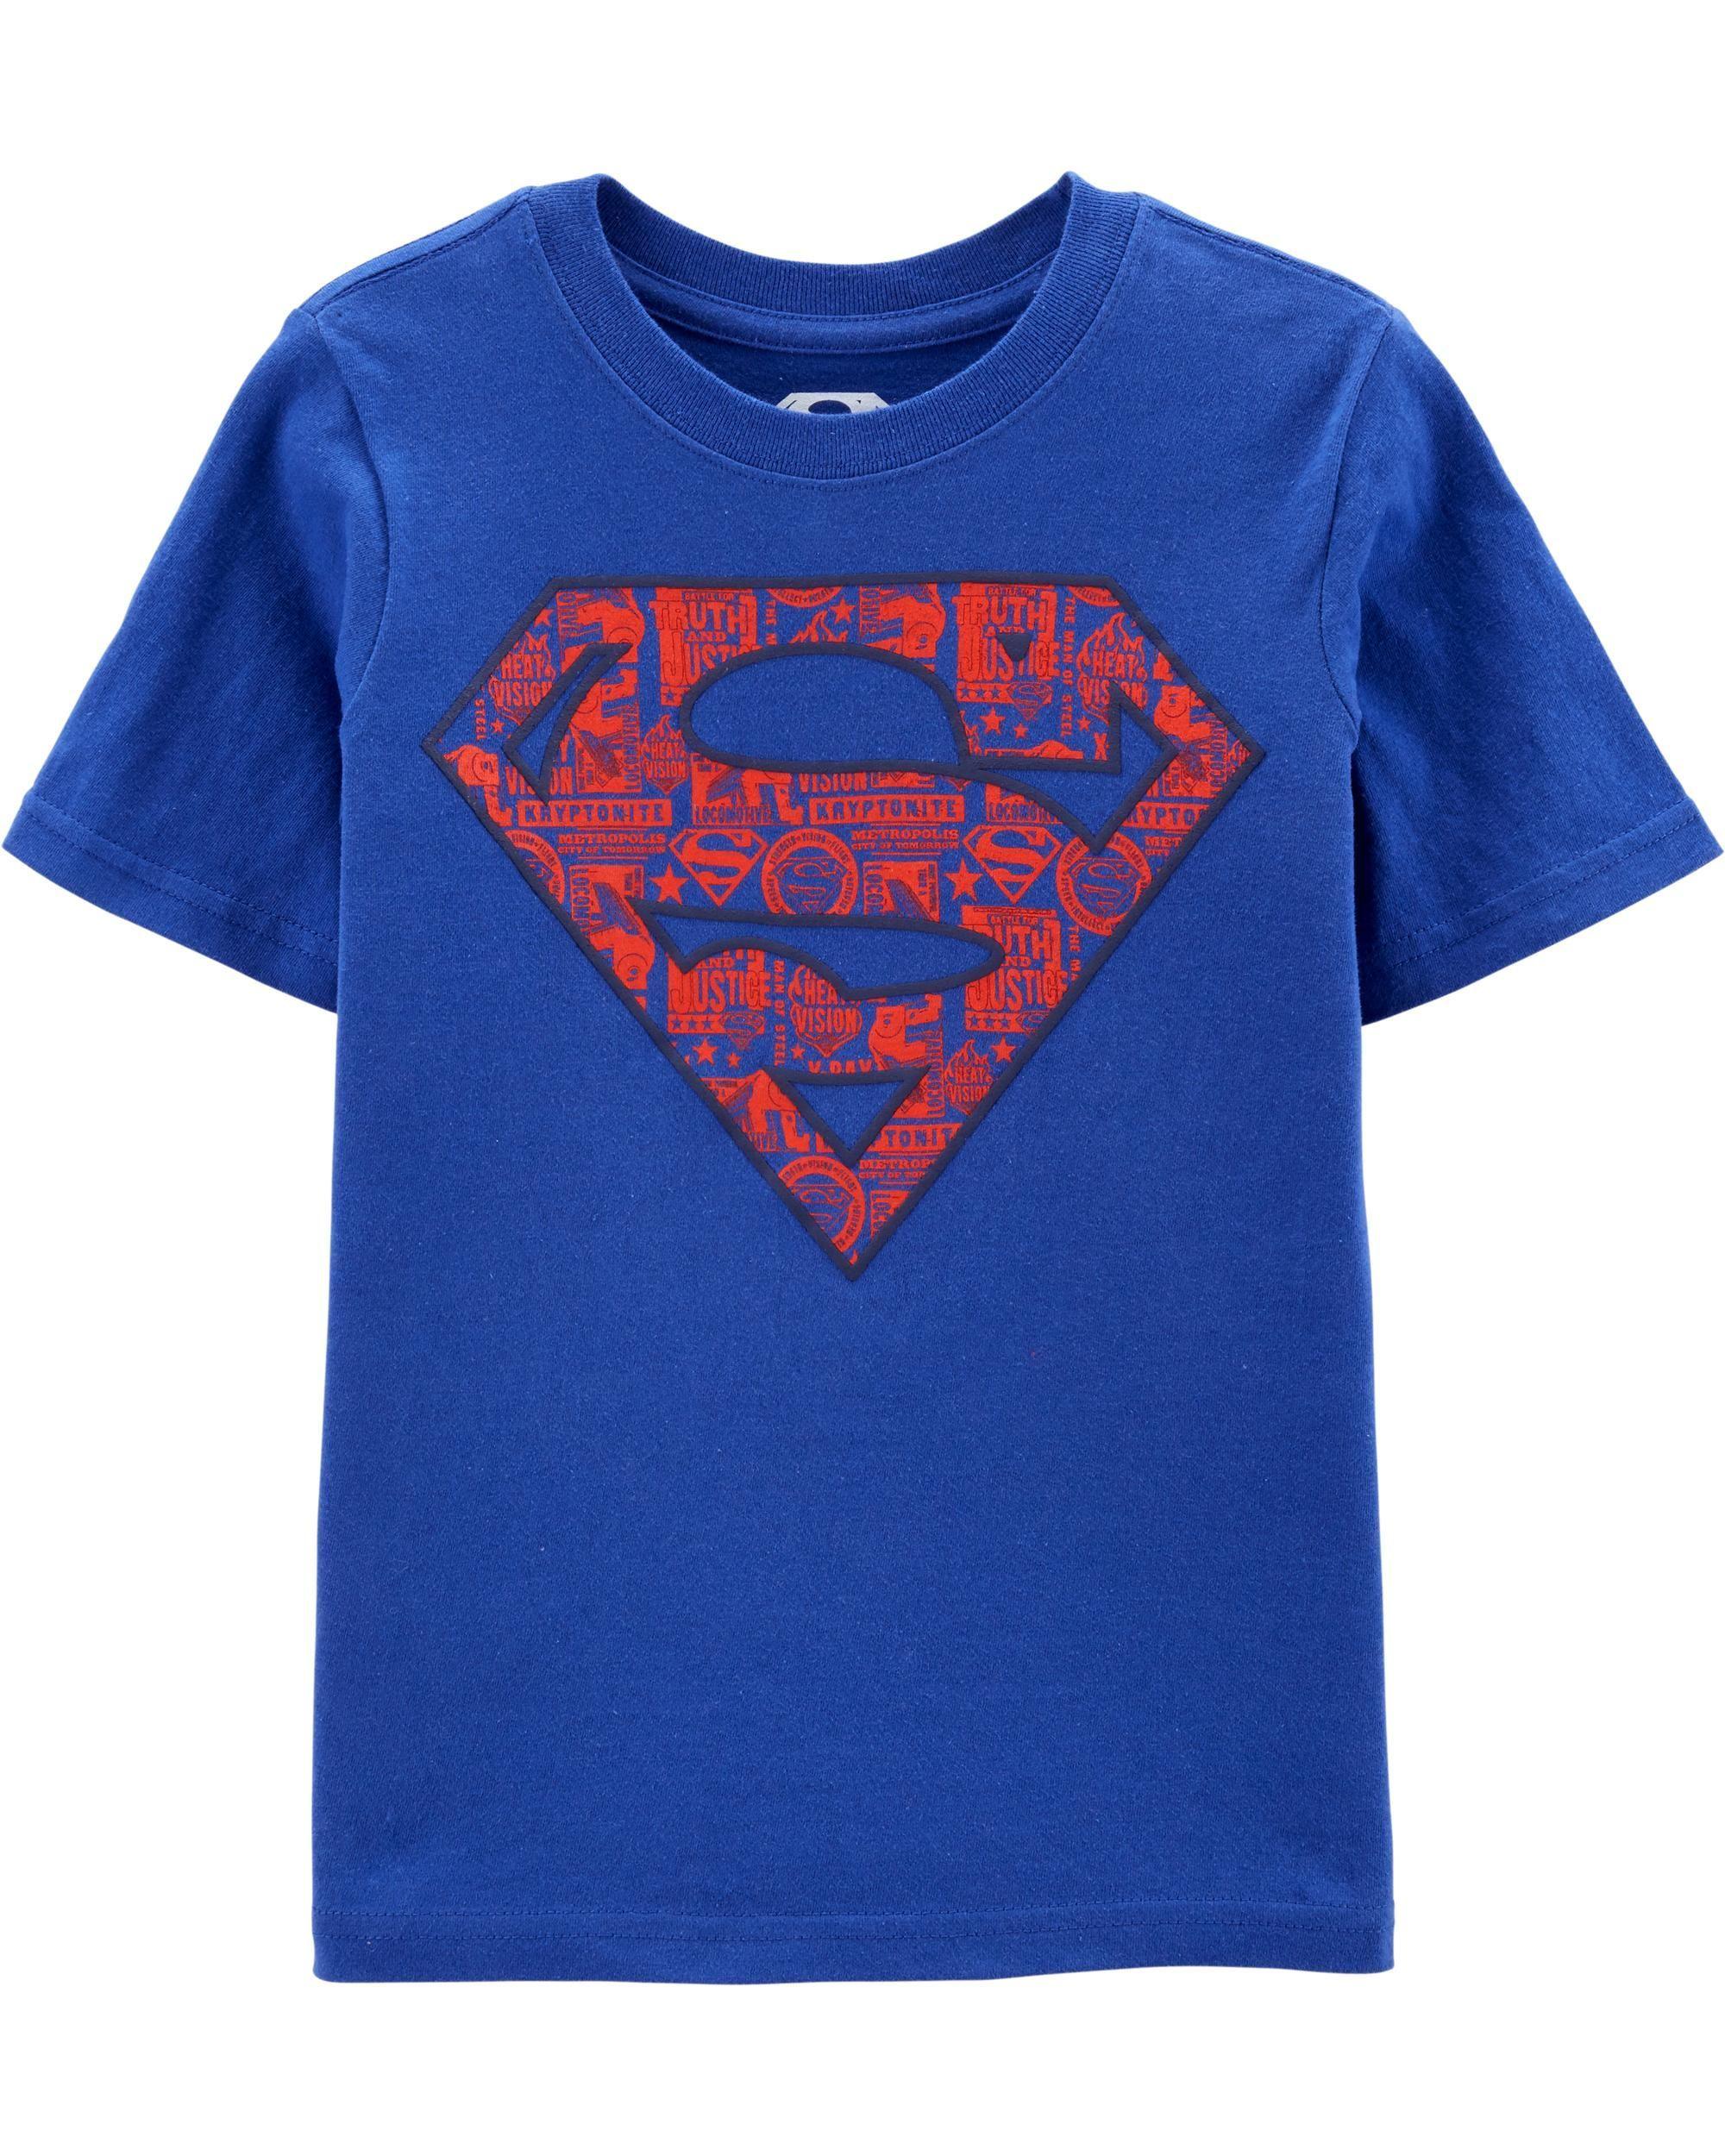 1a419984d Superman Tee | FOR BOYS | Boys, Carter kids, Tees